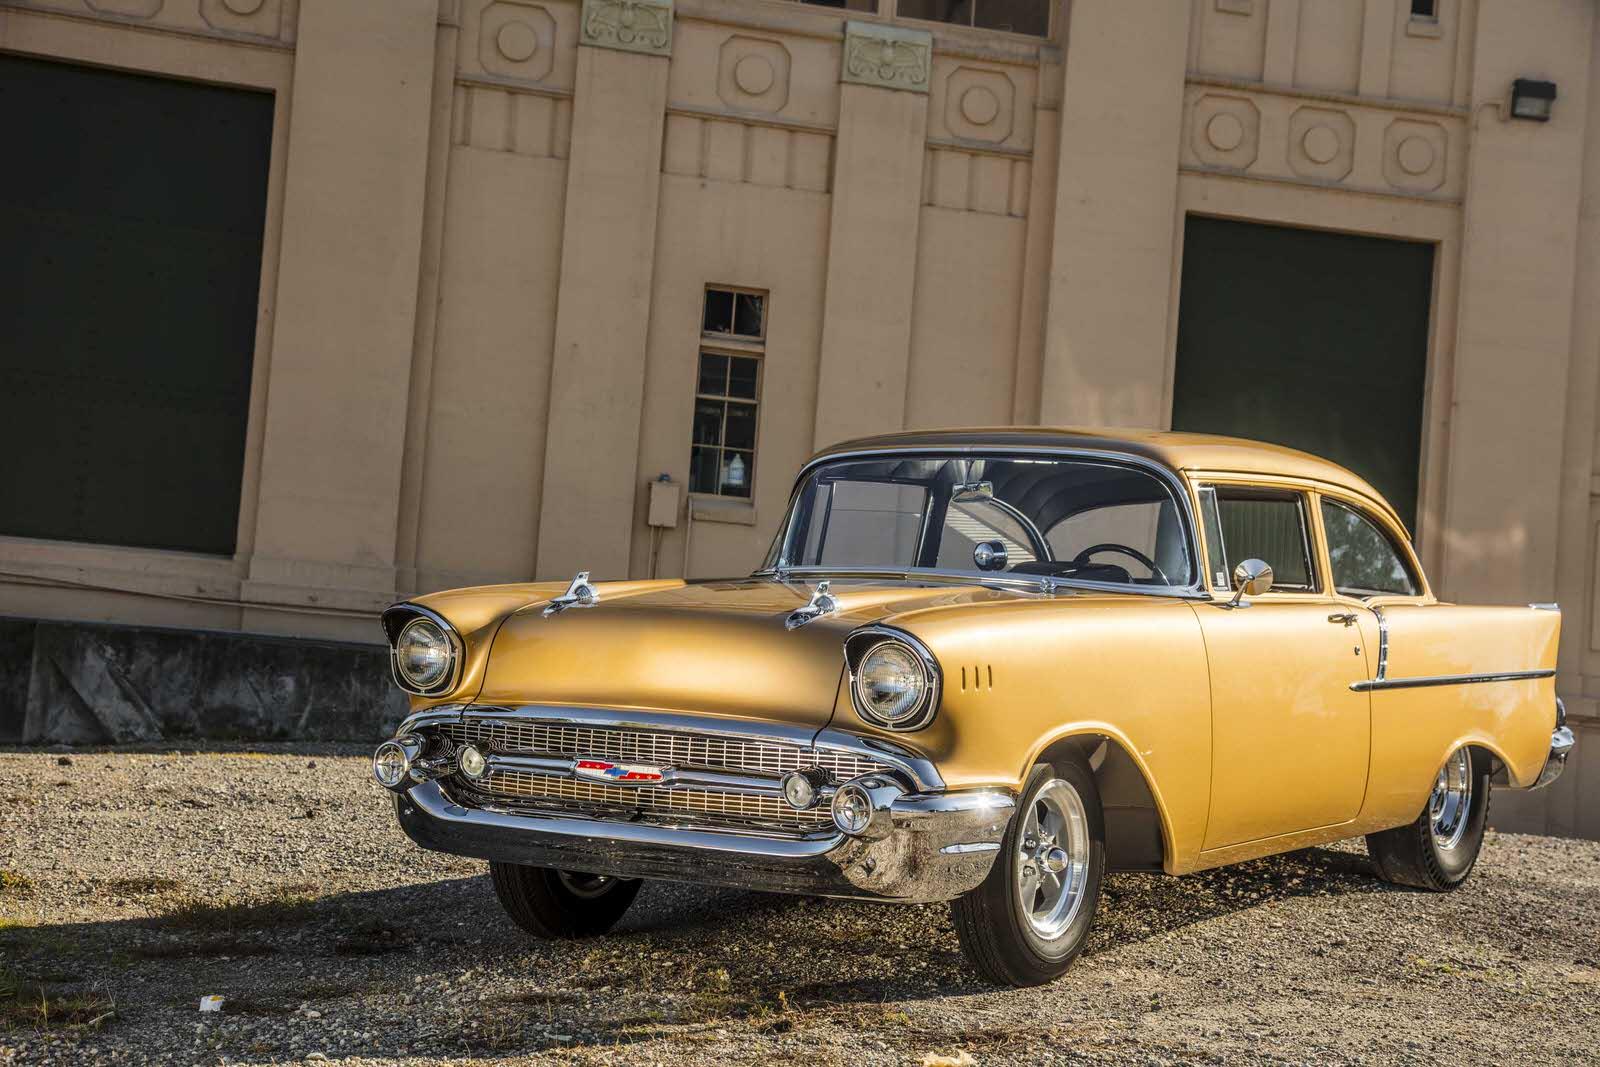 Tony Jurado 1957 Chevy - South City Rod & Custom - Photo by Tim Sutton